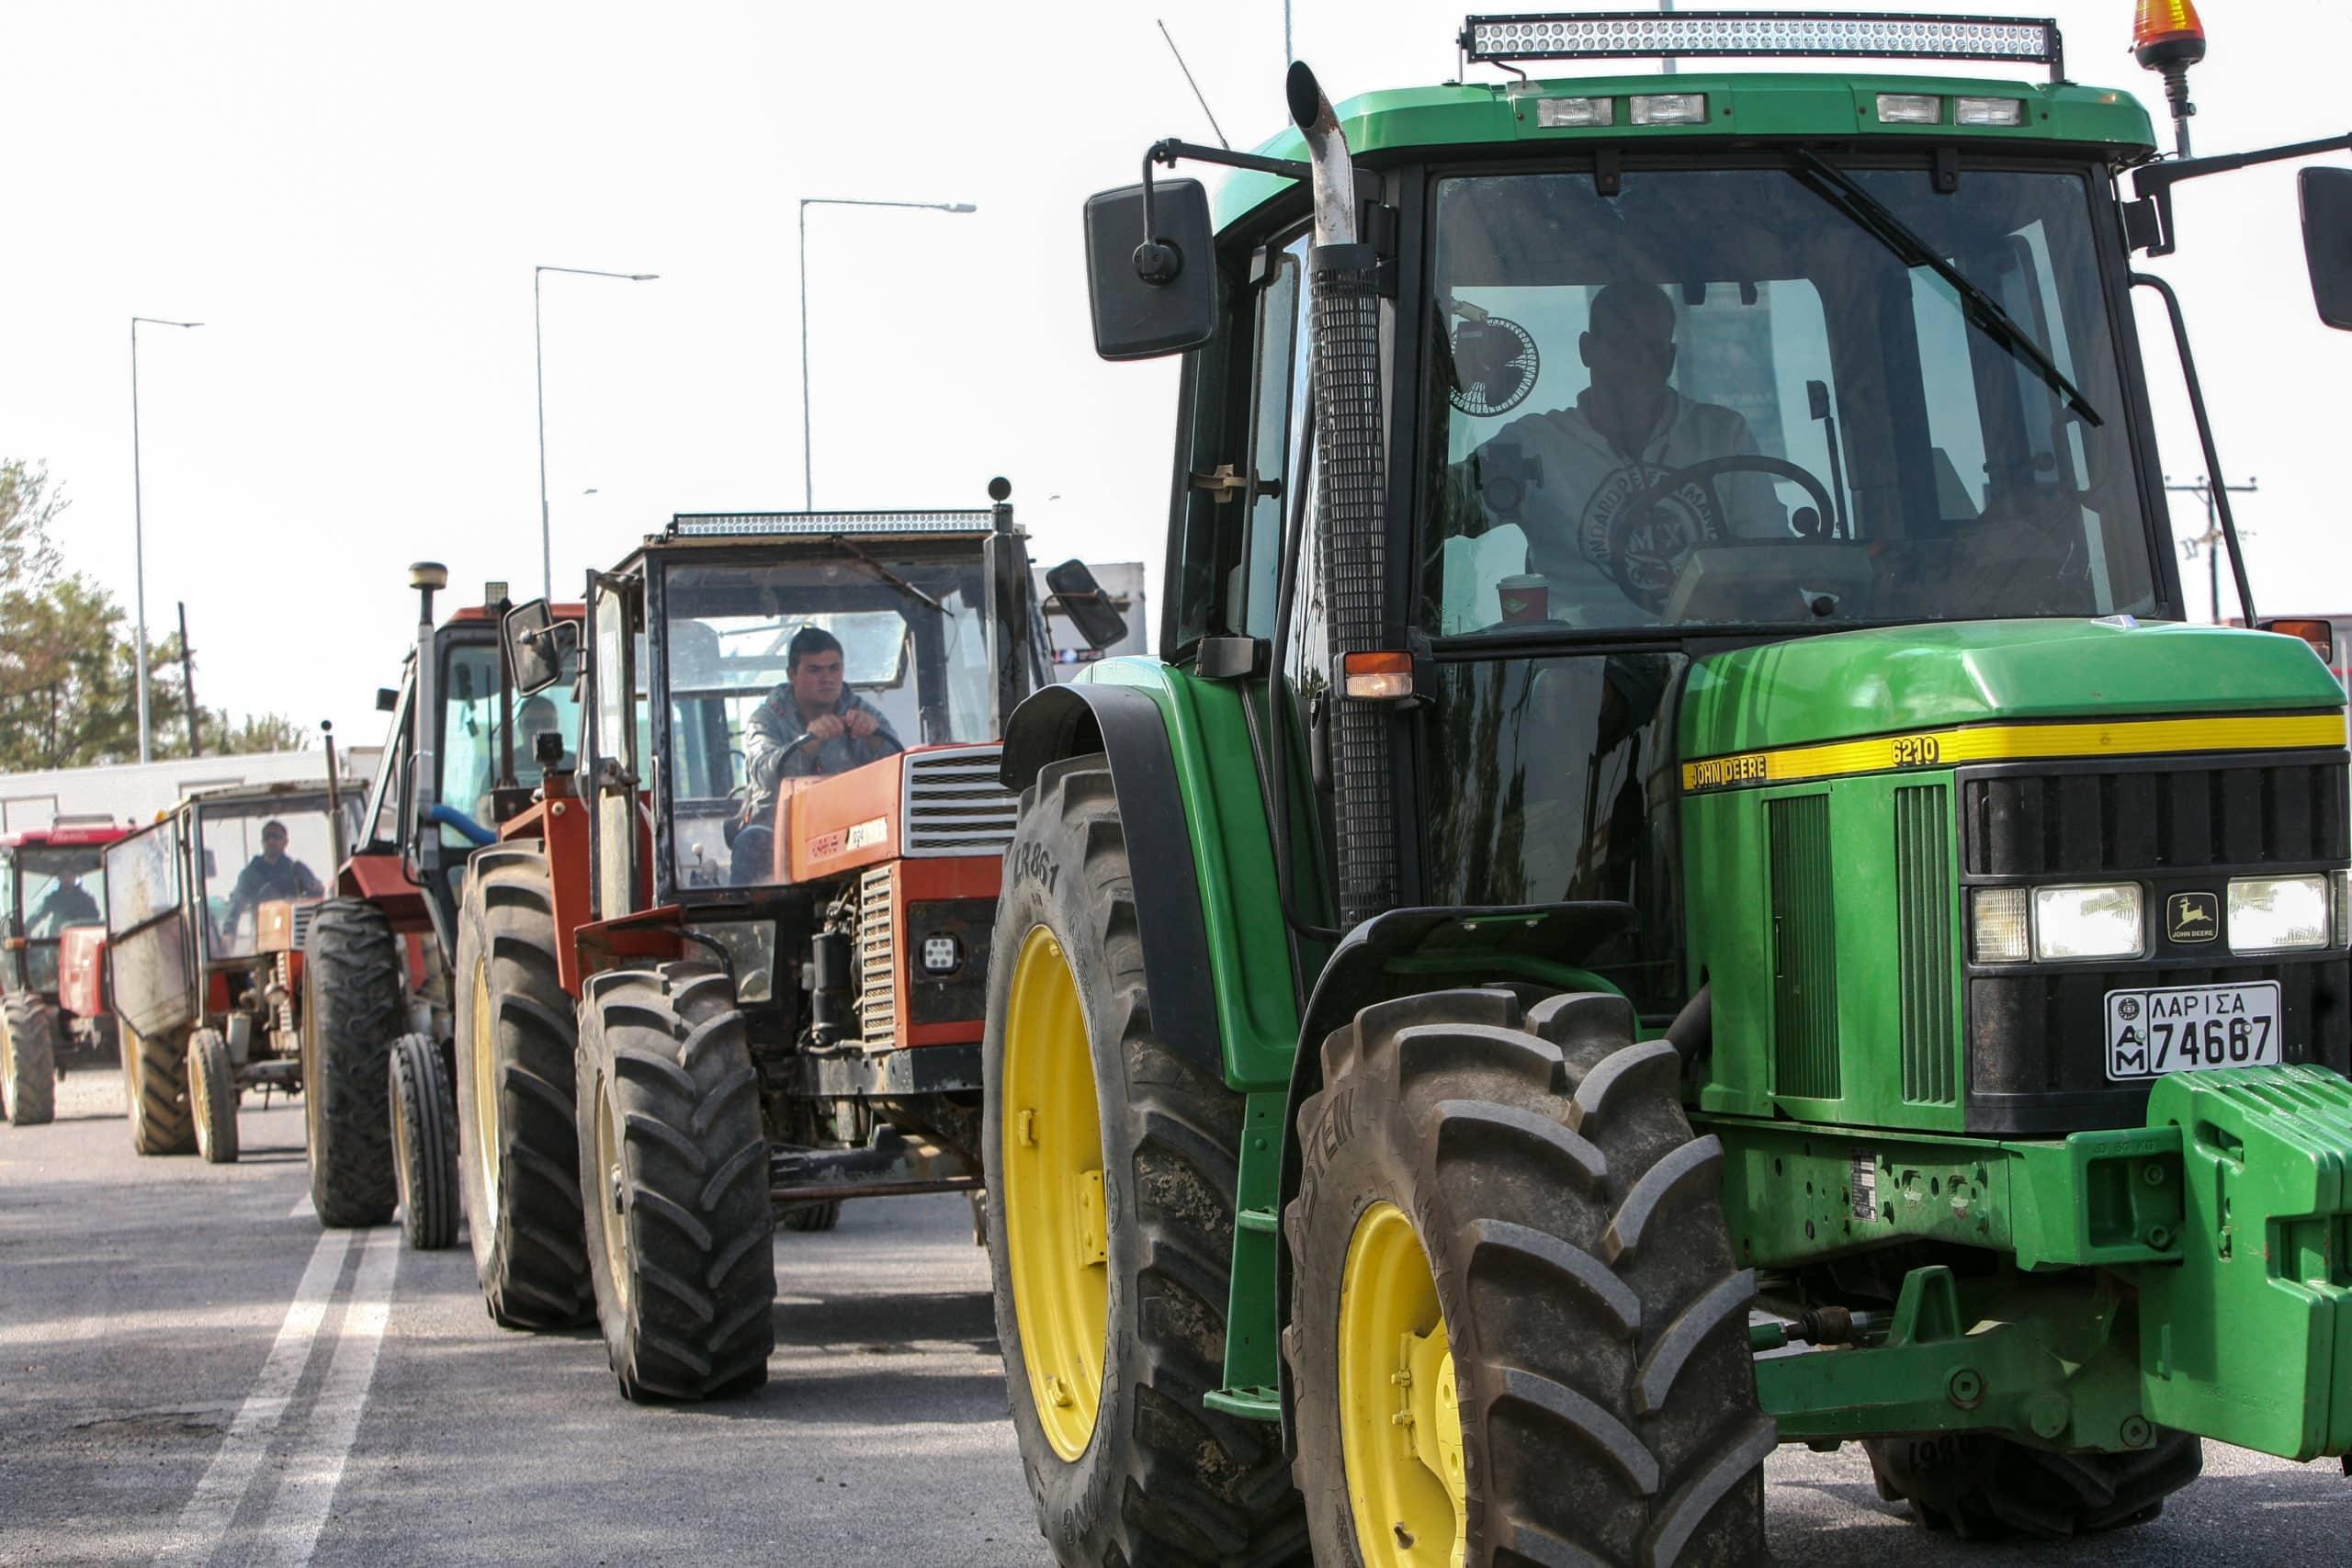 ΟΠΕΚΕΠΕ Πληρωμές: Πότε έρχεται μεγάλο πακέτο - Ποιοι είναι δικαιούχοι Εξισωτική ΕΛΓΑ πληρωμή 11 Δεκεμβρίου: €15 εκ εξόφληση αποζημιώσεις σε αγρότες και κτηνοτρόφους έτους 2018 - ΟΠΕΚΕΠΕ πληρωμές